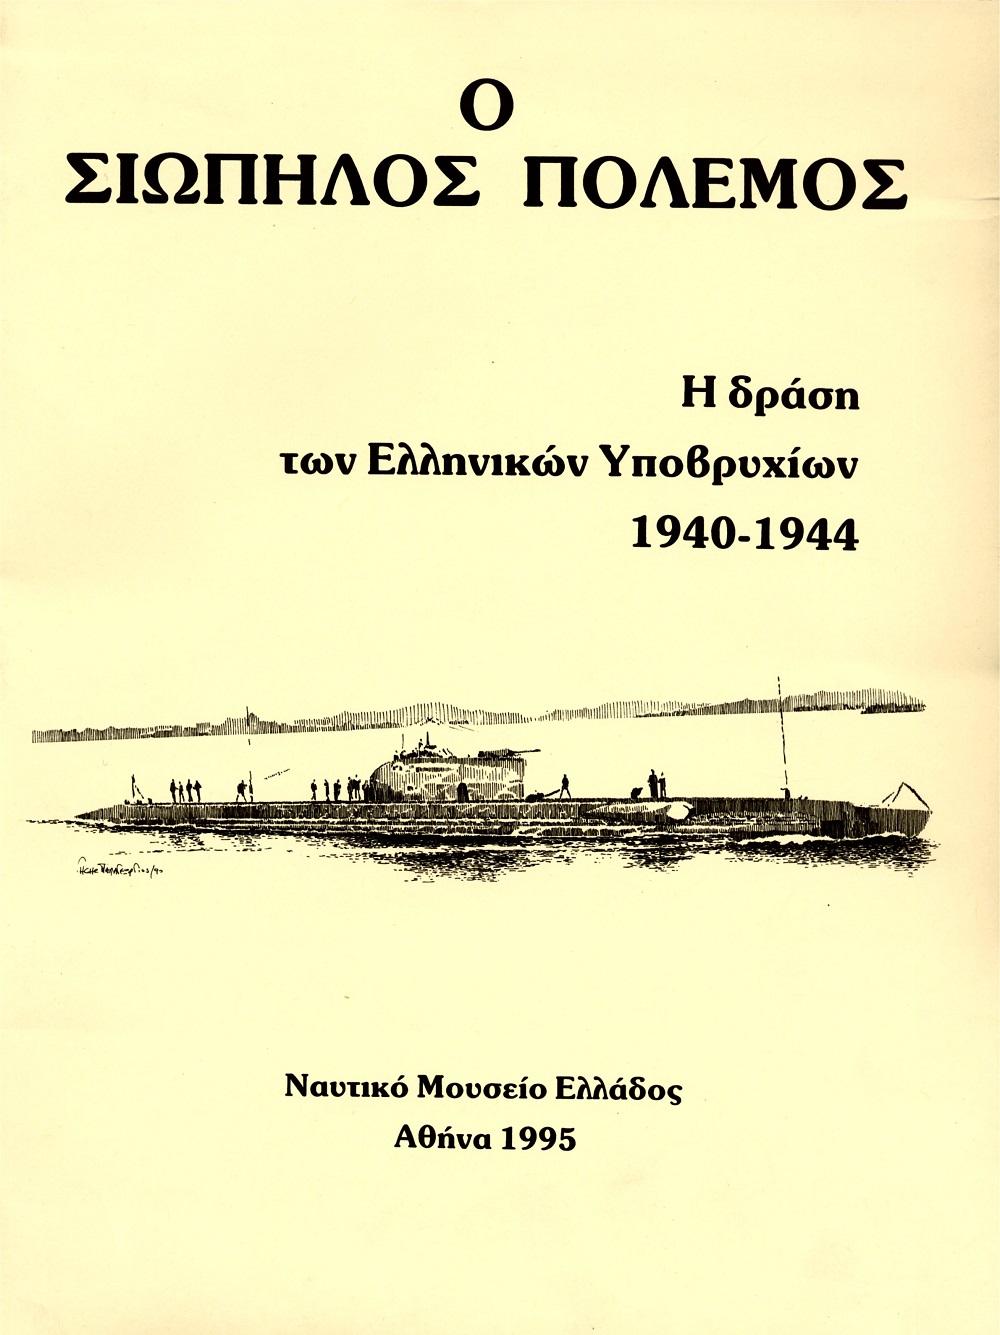 Ο Σιωπηλός πόλεμος. Η δράση των ελληνικών υποβρυχίων 1940-1944